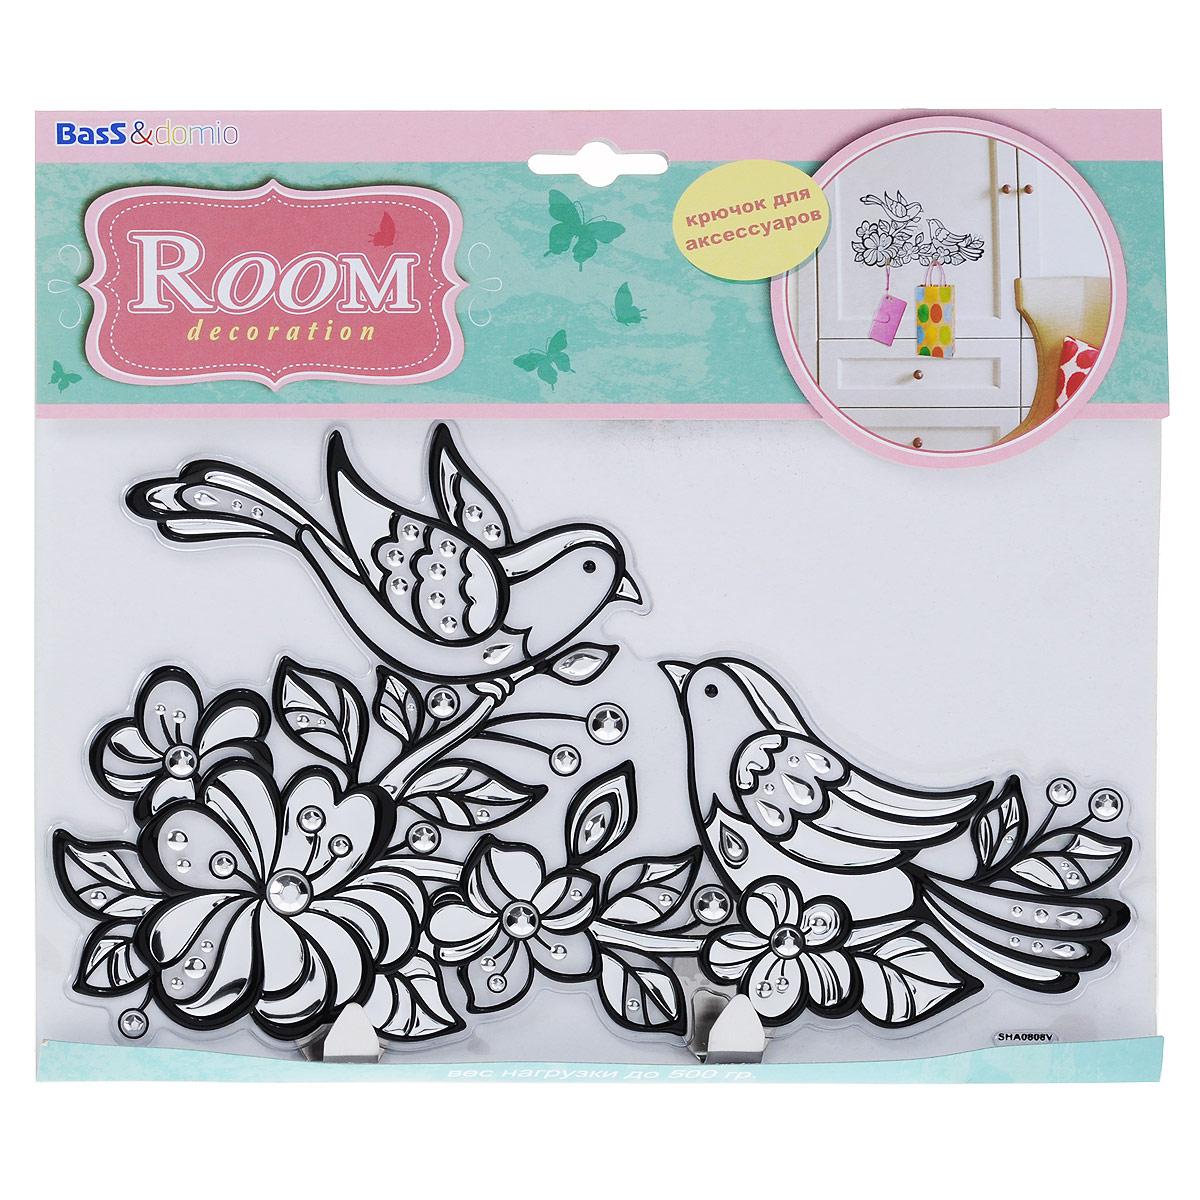 Наклейка для интерьера Room Decoration